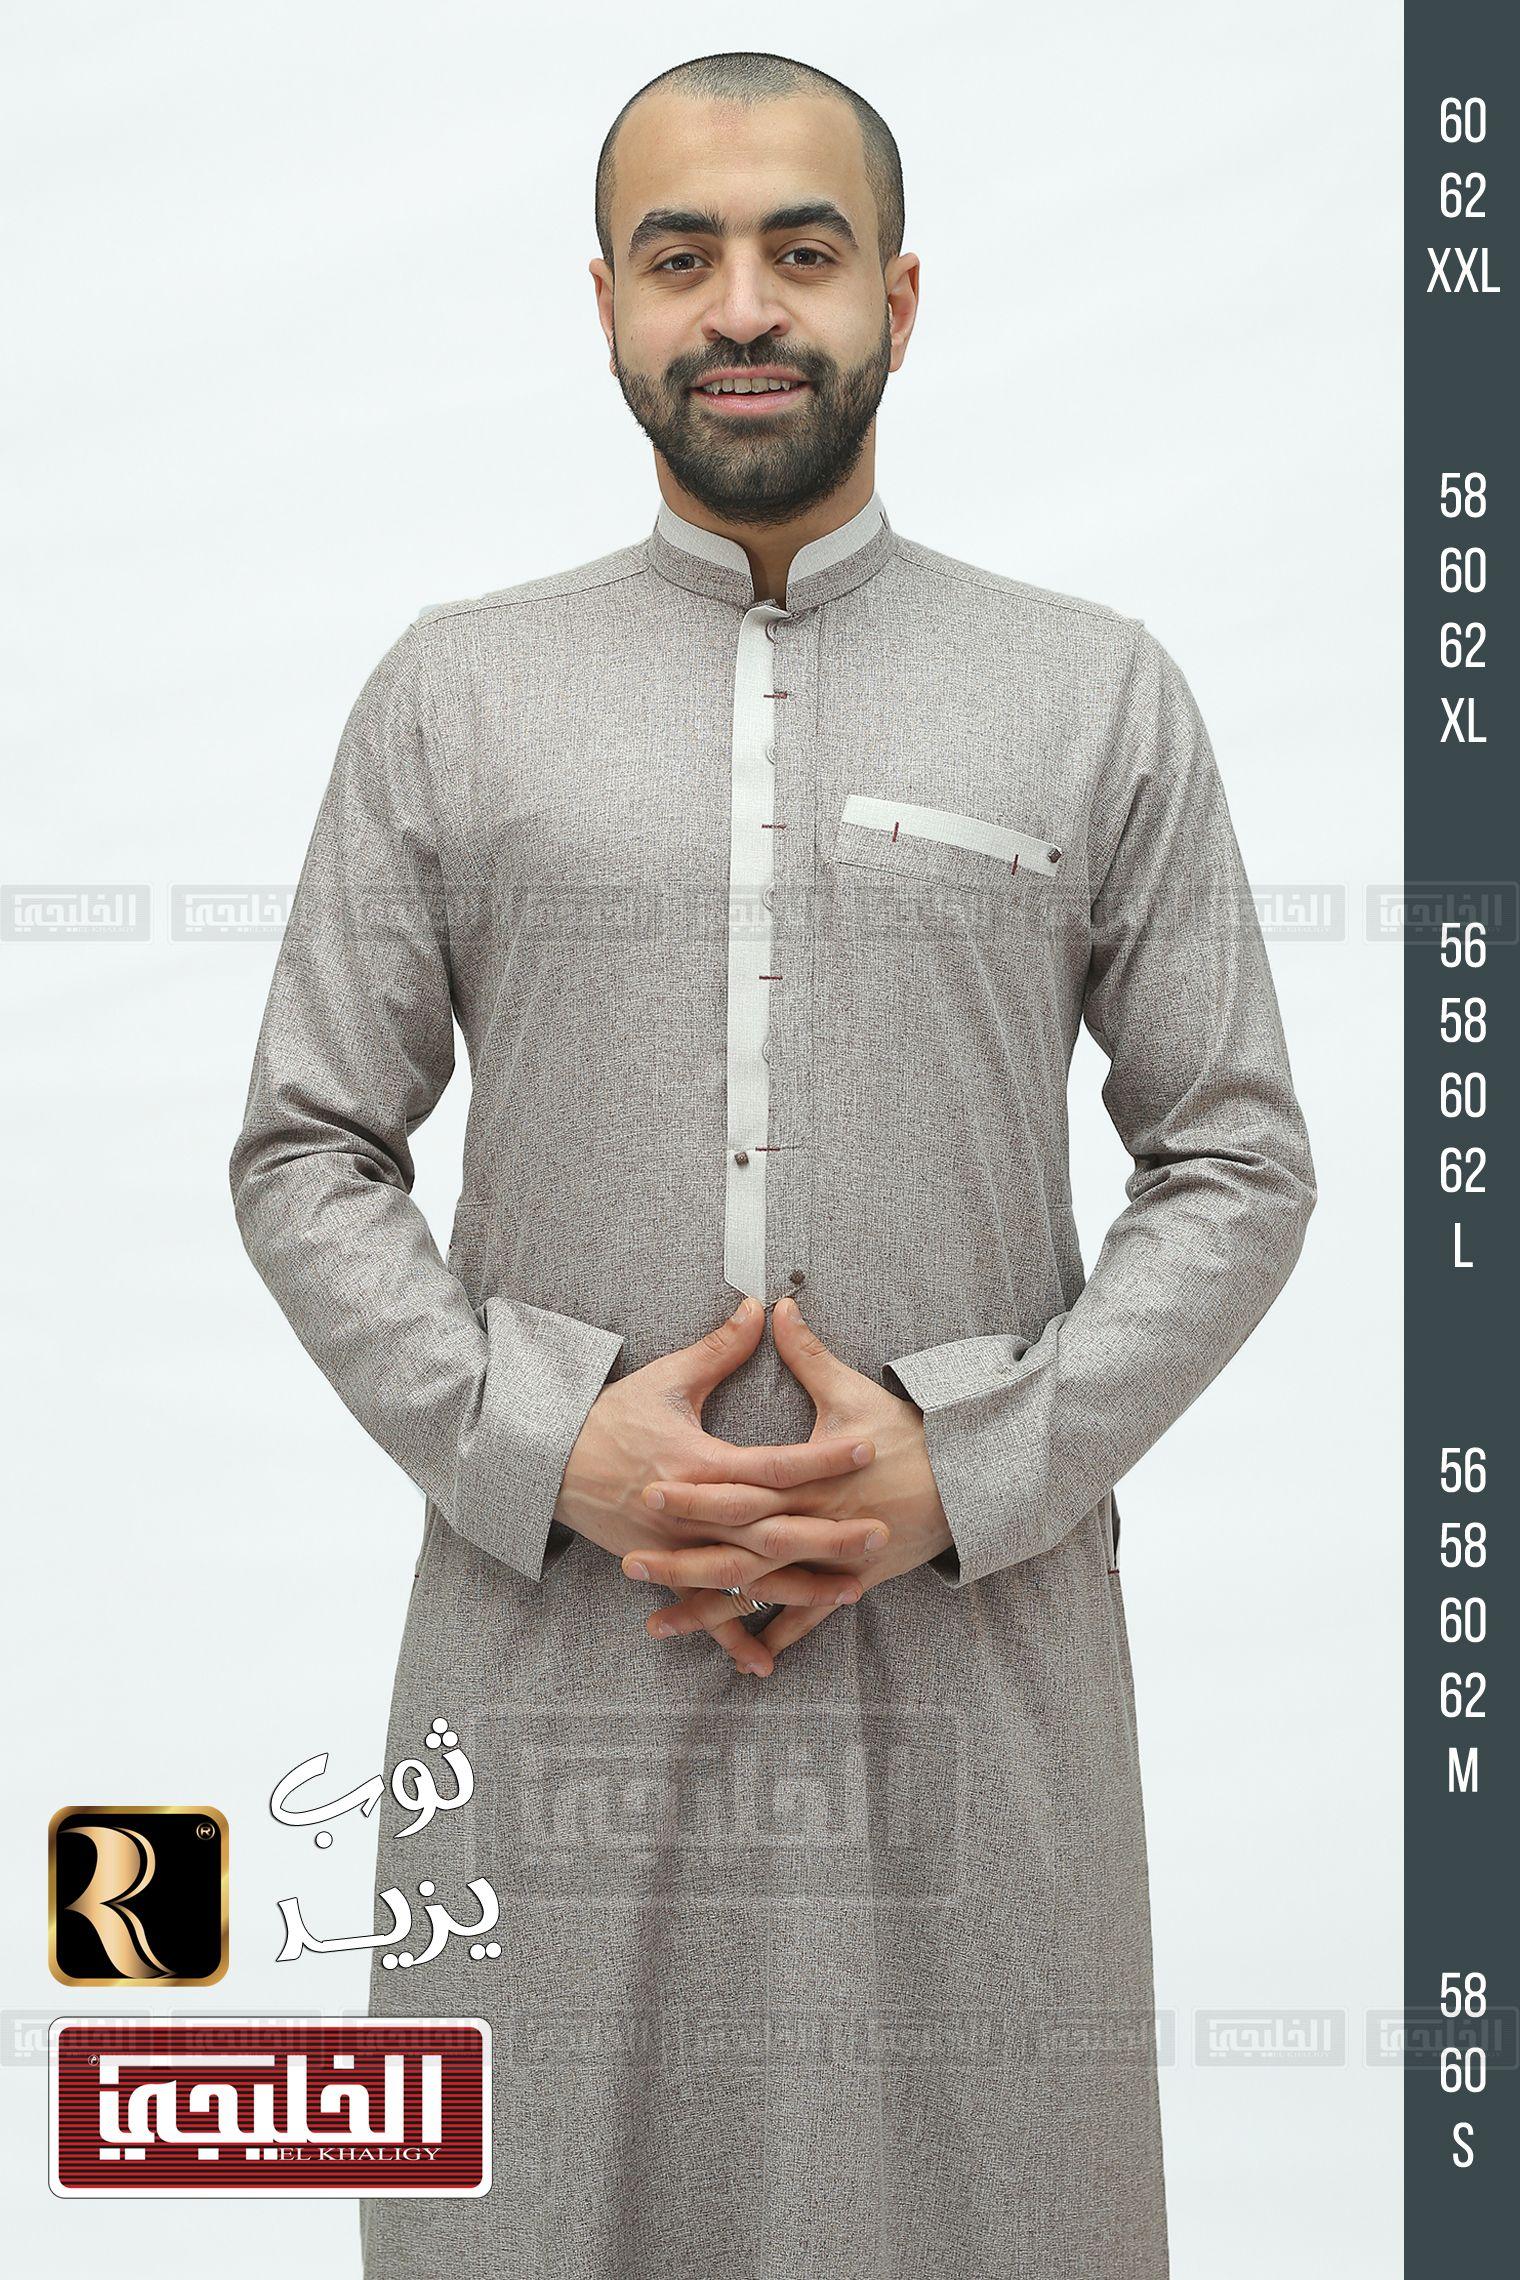 ثوب يزيد Mens Tops Mens Tshirts Xxl